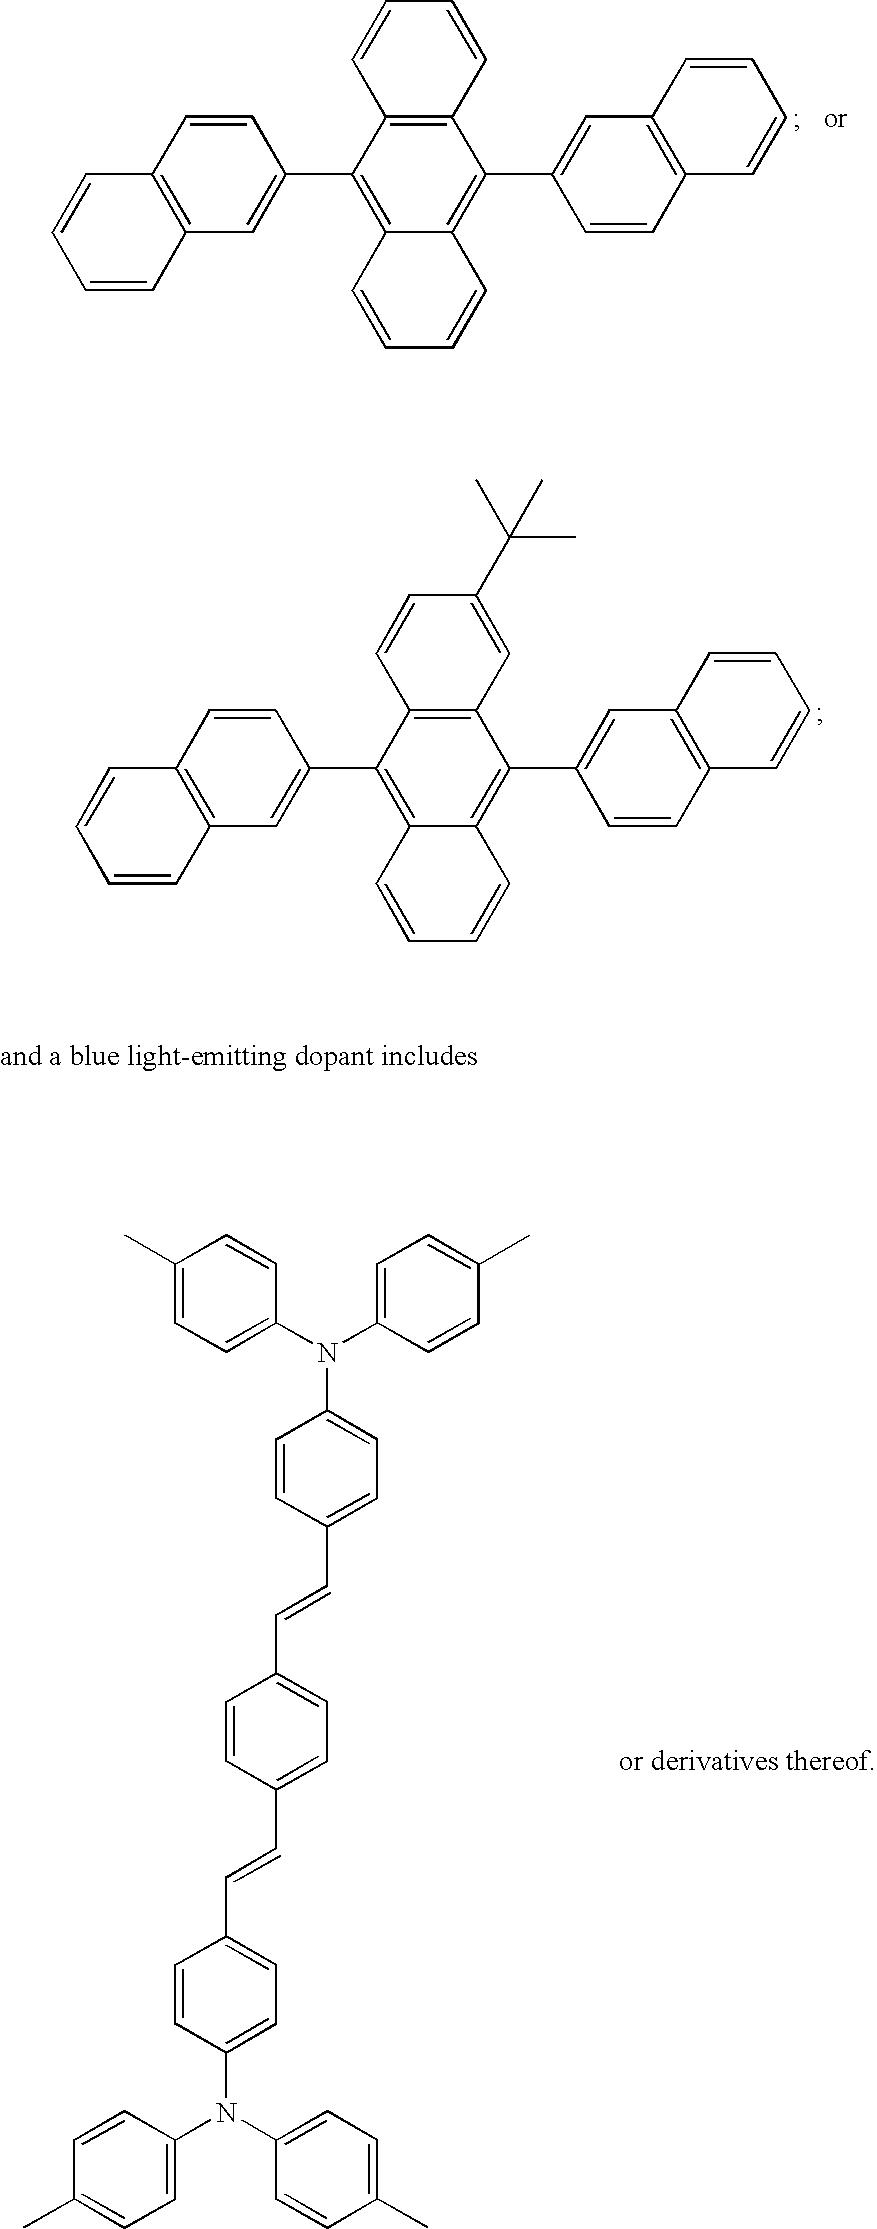 Figure US20040058193A1-20040325-C00020